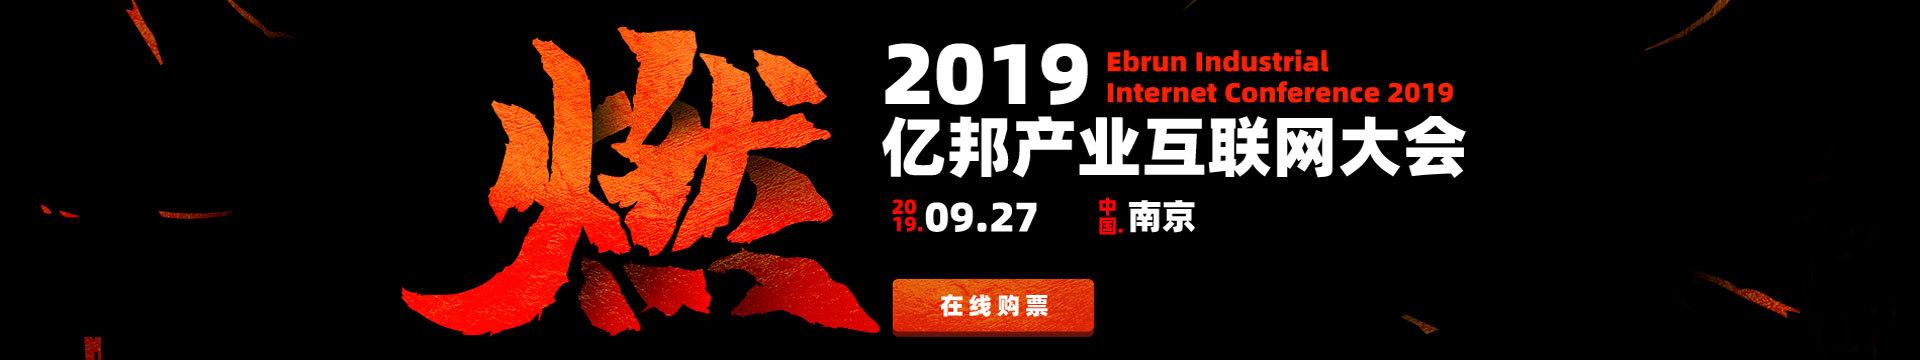 2019亿邦产业互联网大会(南京)